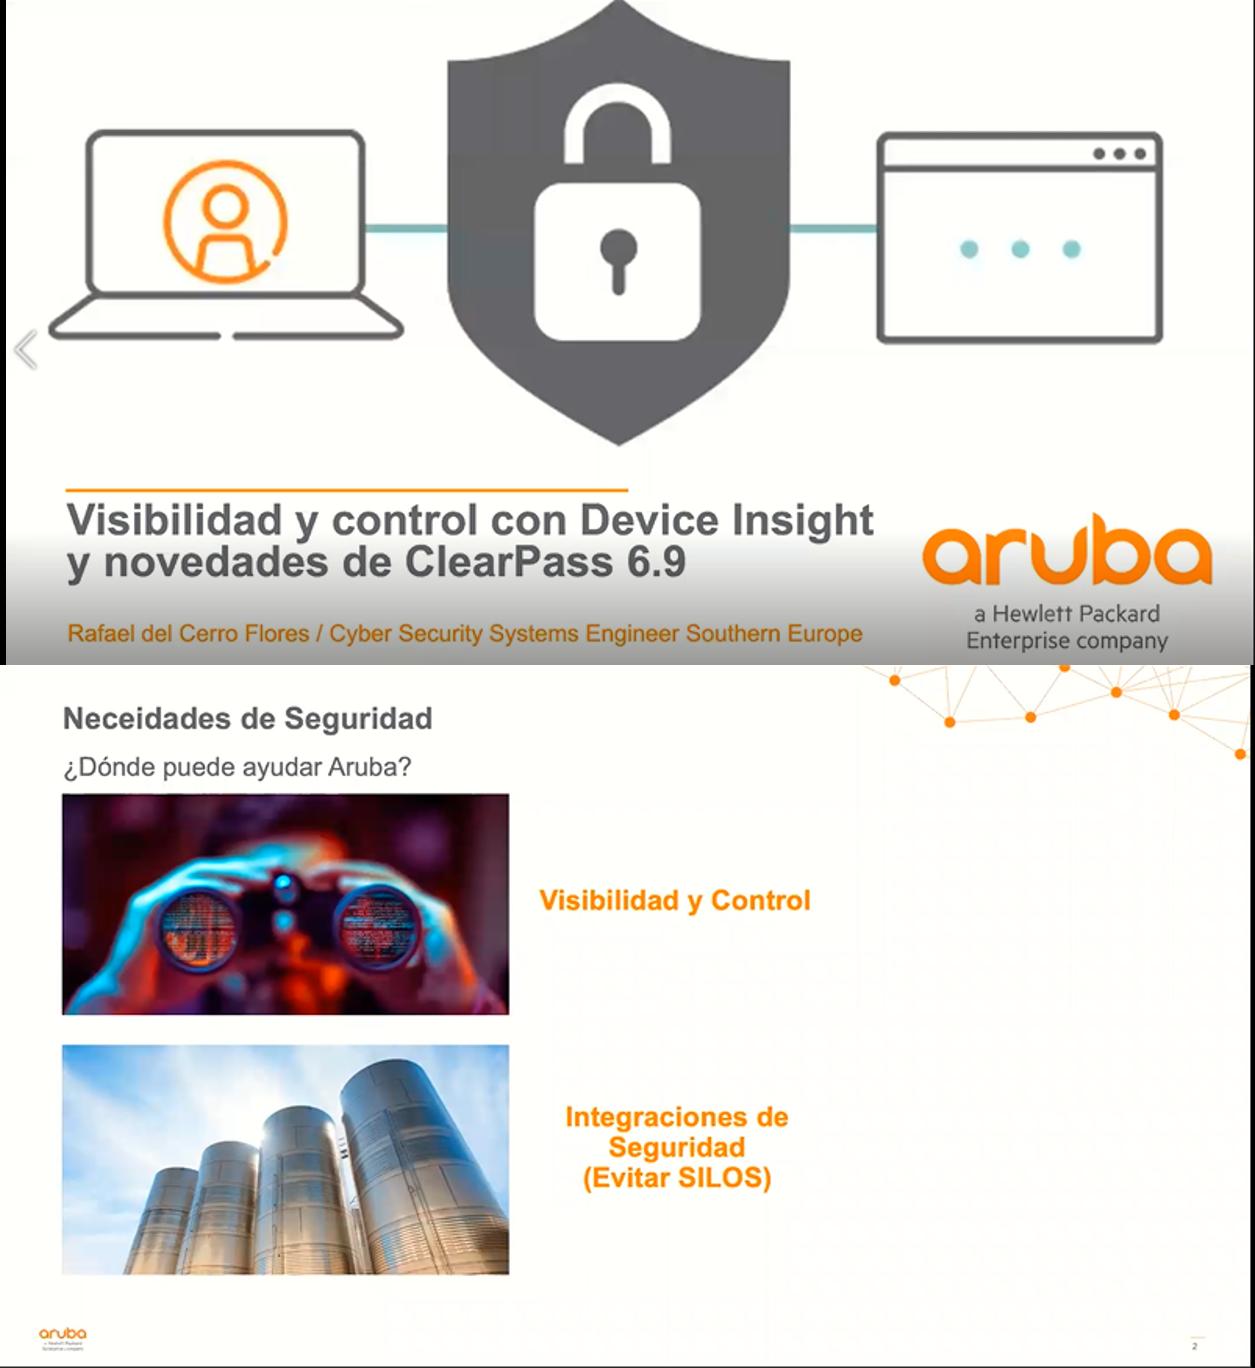 Visibilidad y control con Device Insight y novedades de ClearPass